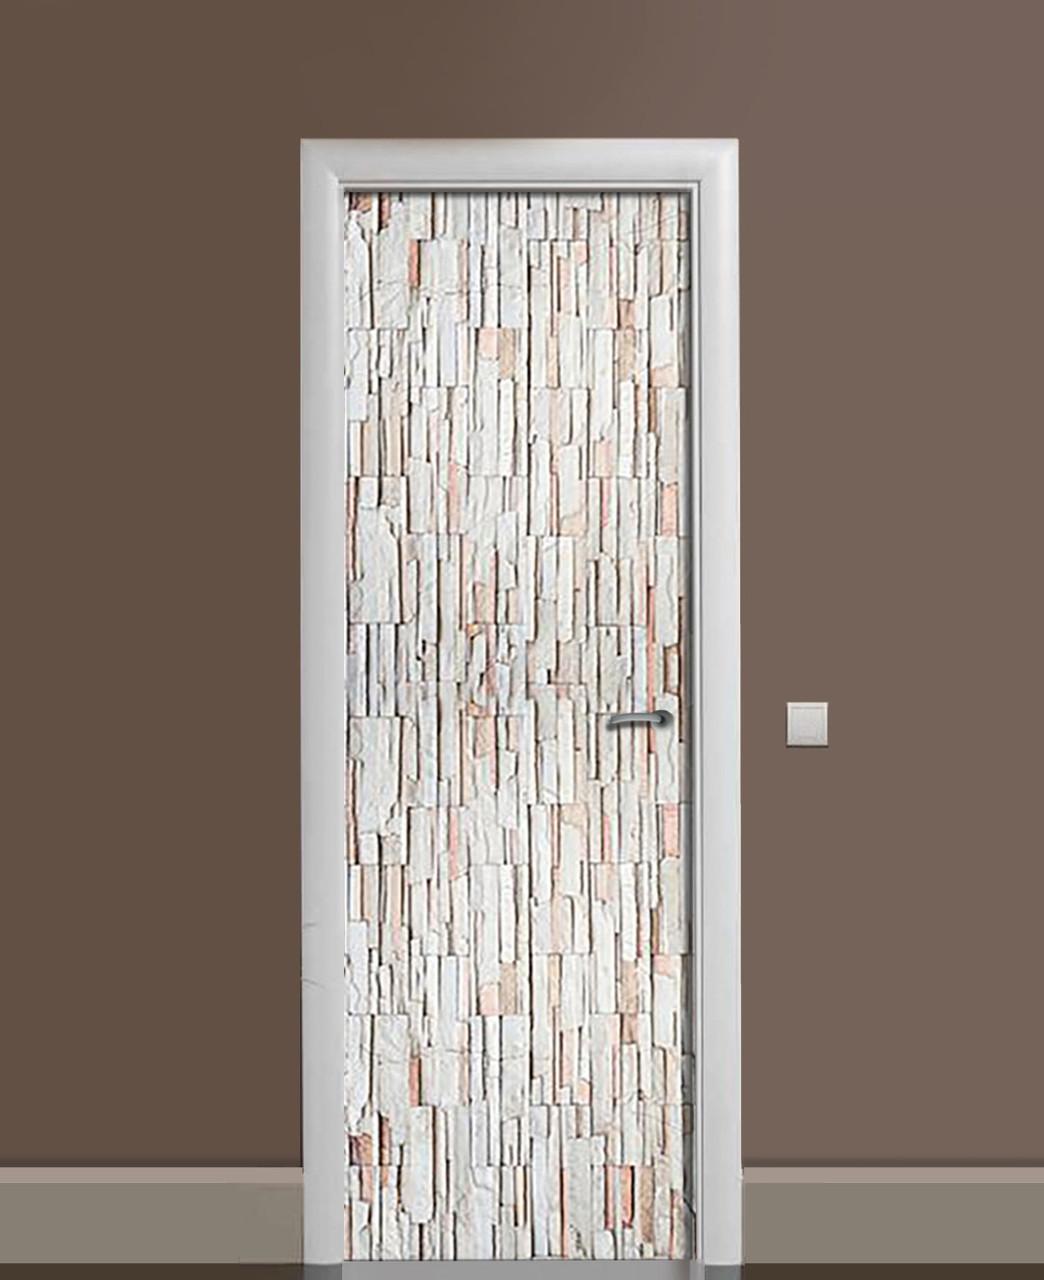 Виниловая наклейка на дверь Декоративный кирпич ПВХ пленка с ламинацией 65*200см Текстуры Серый